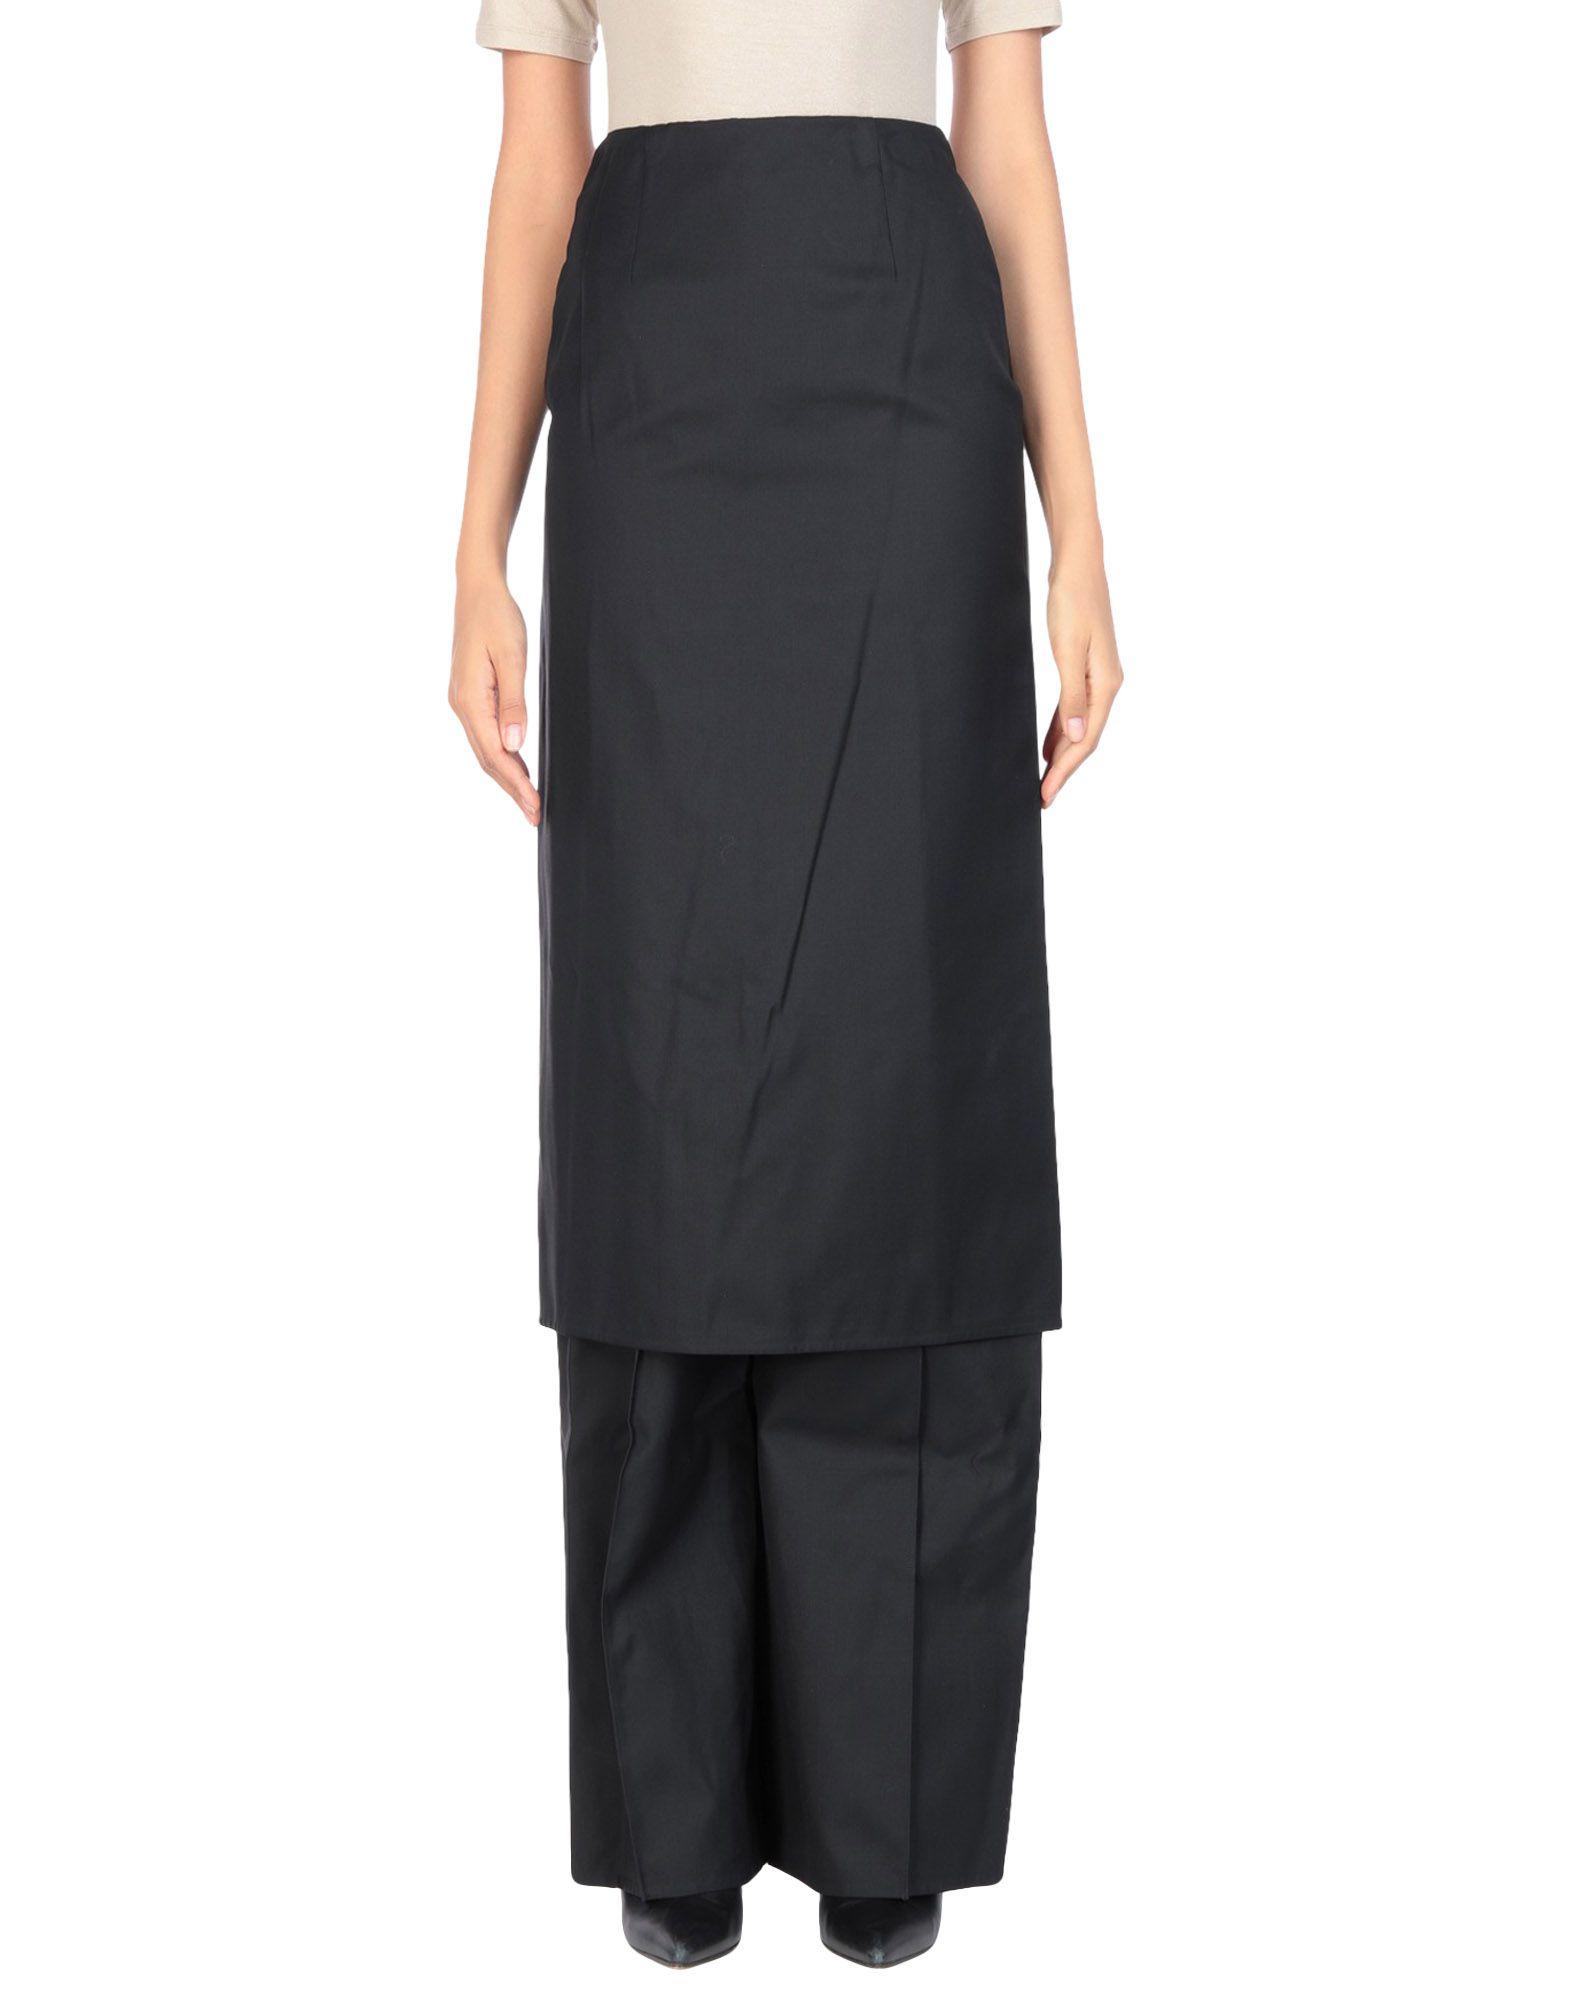 MAISON MARGIELA Длинная юбка maison margiela длинная юбка